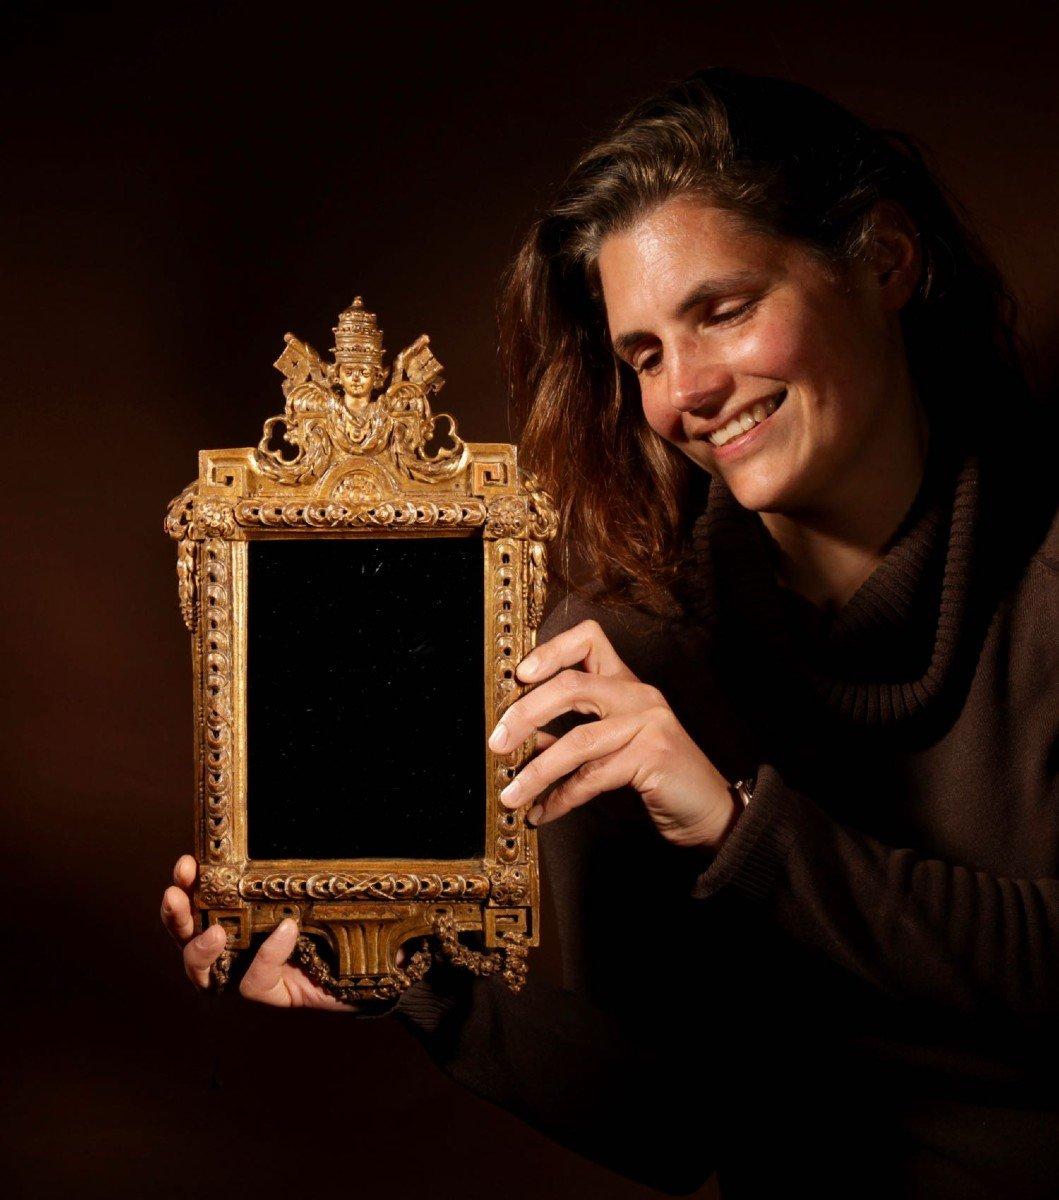 Un Miroir Très Intéressant Avec Les Armoiries Papales Du Dernier Quart Du 18e Siècle.-photo-6